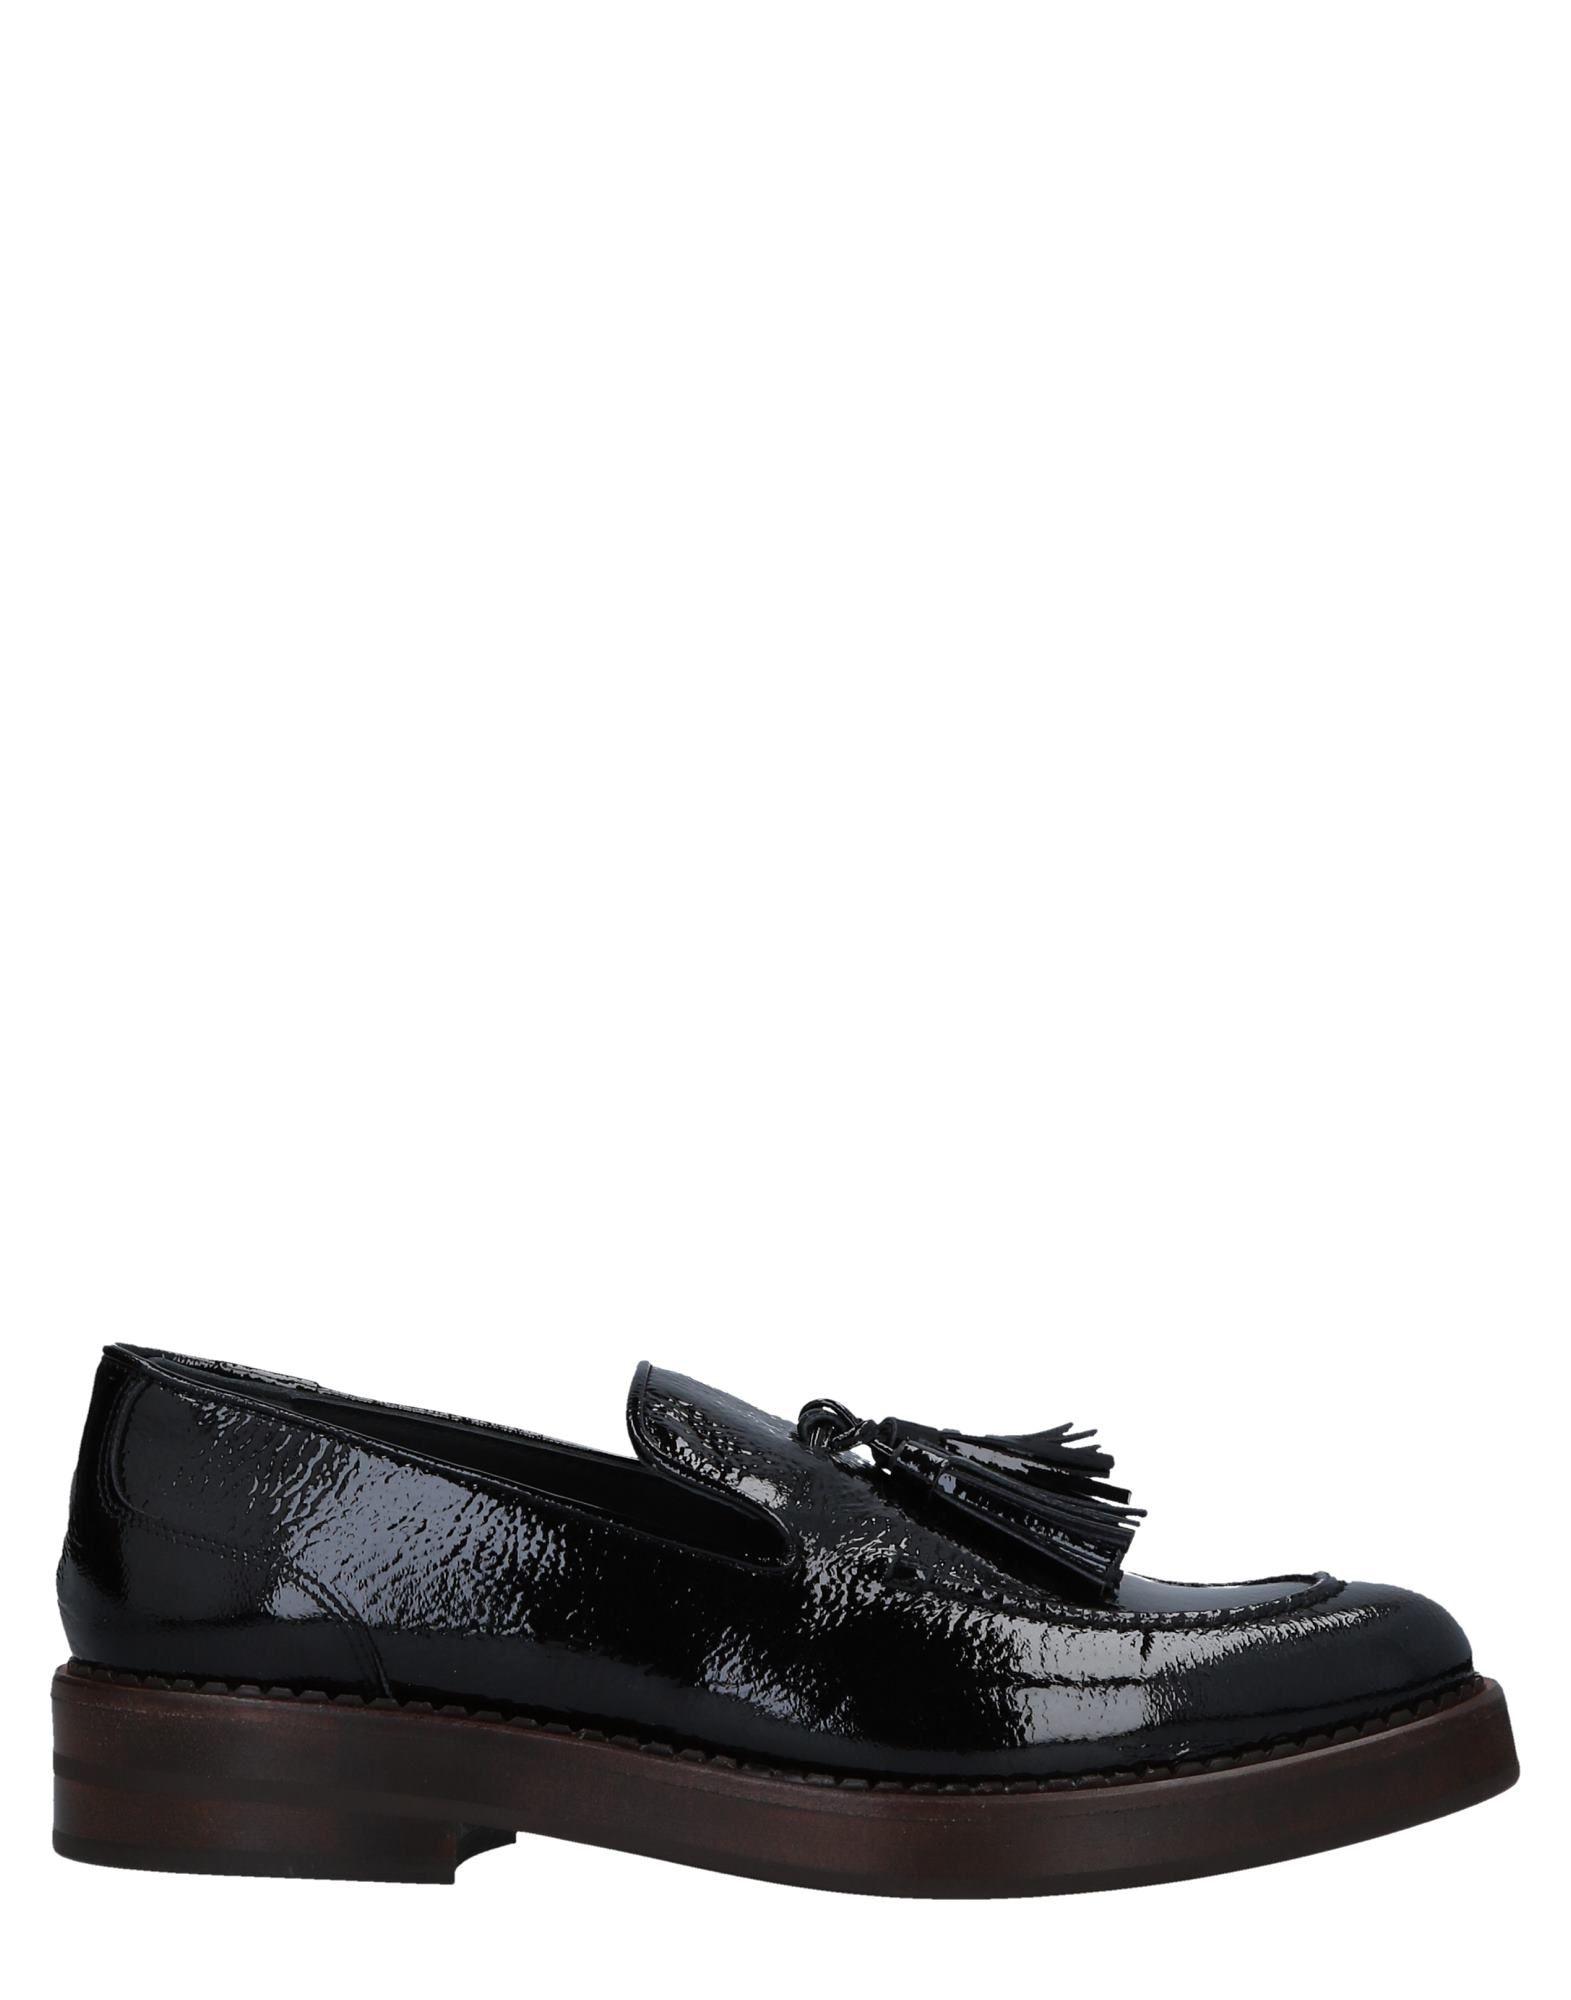 Zinda Mokassins Damen 11517958OA Gute Qualität beliebte Schuhe